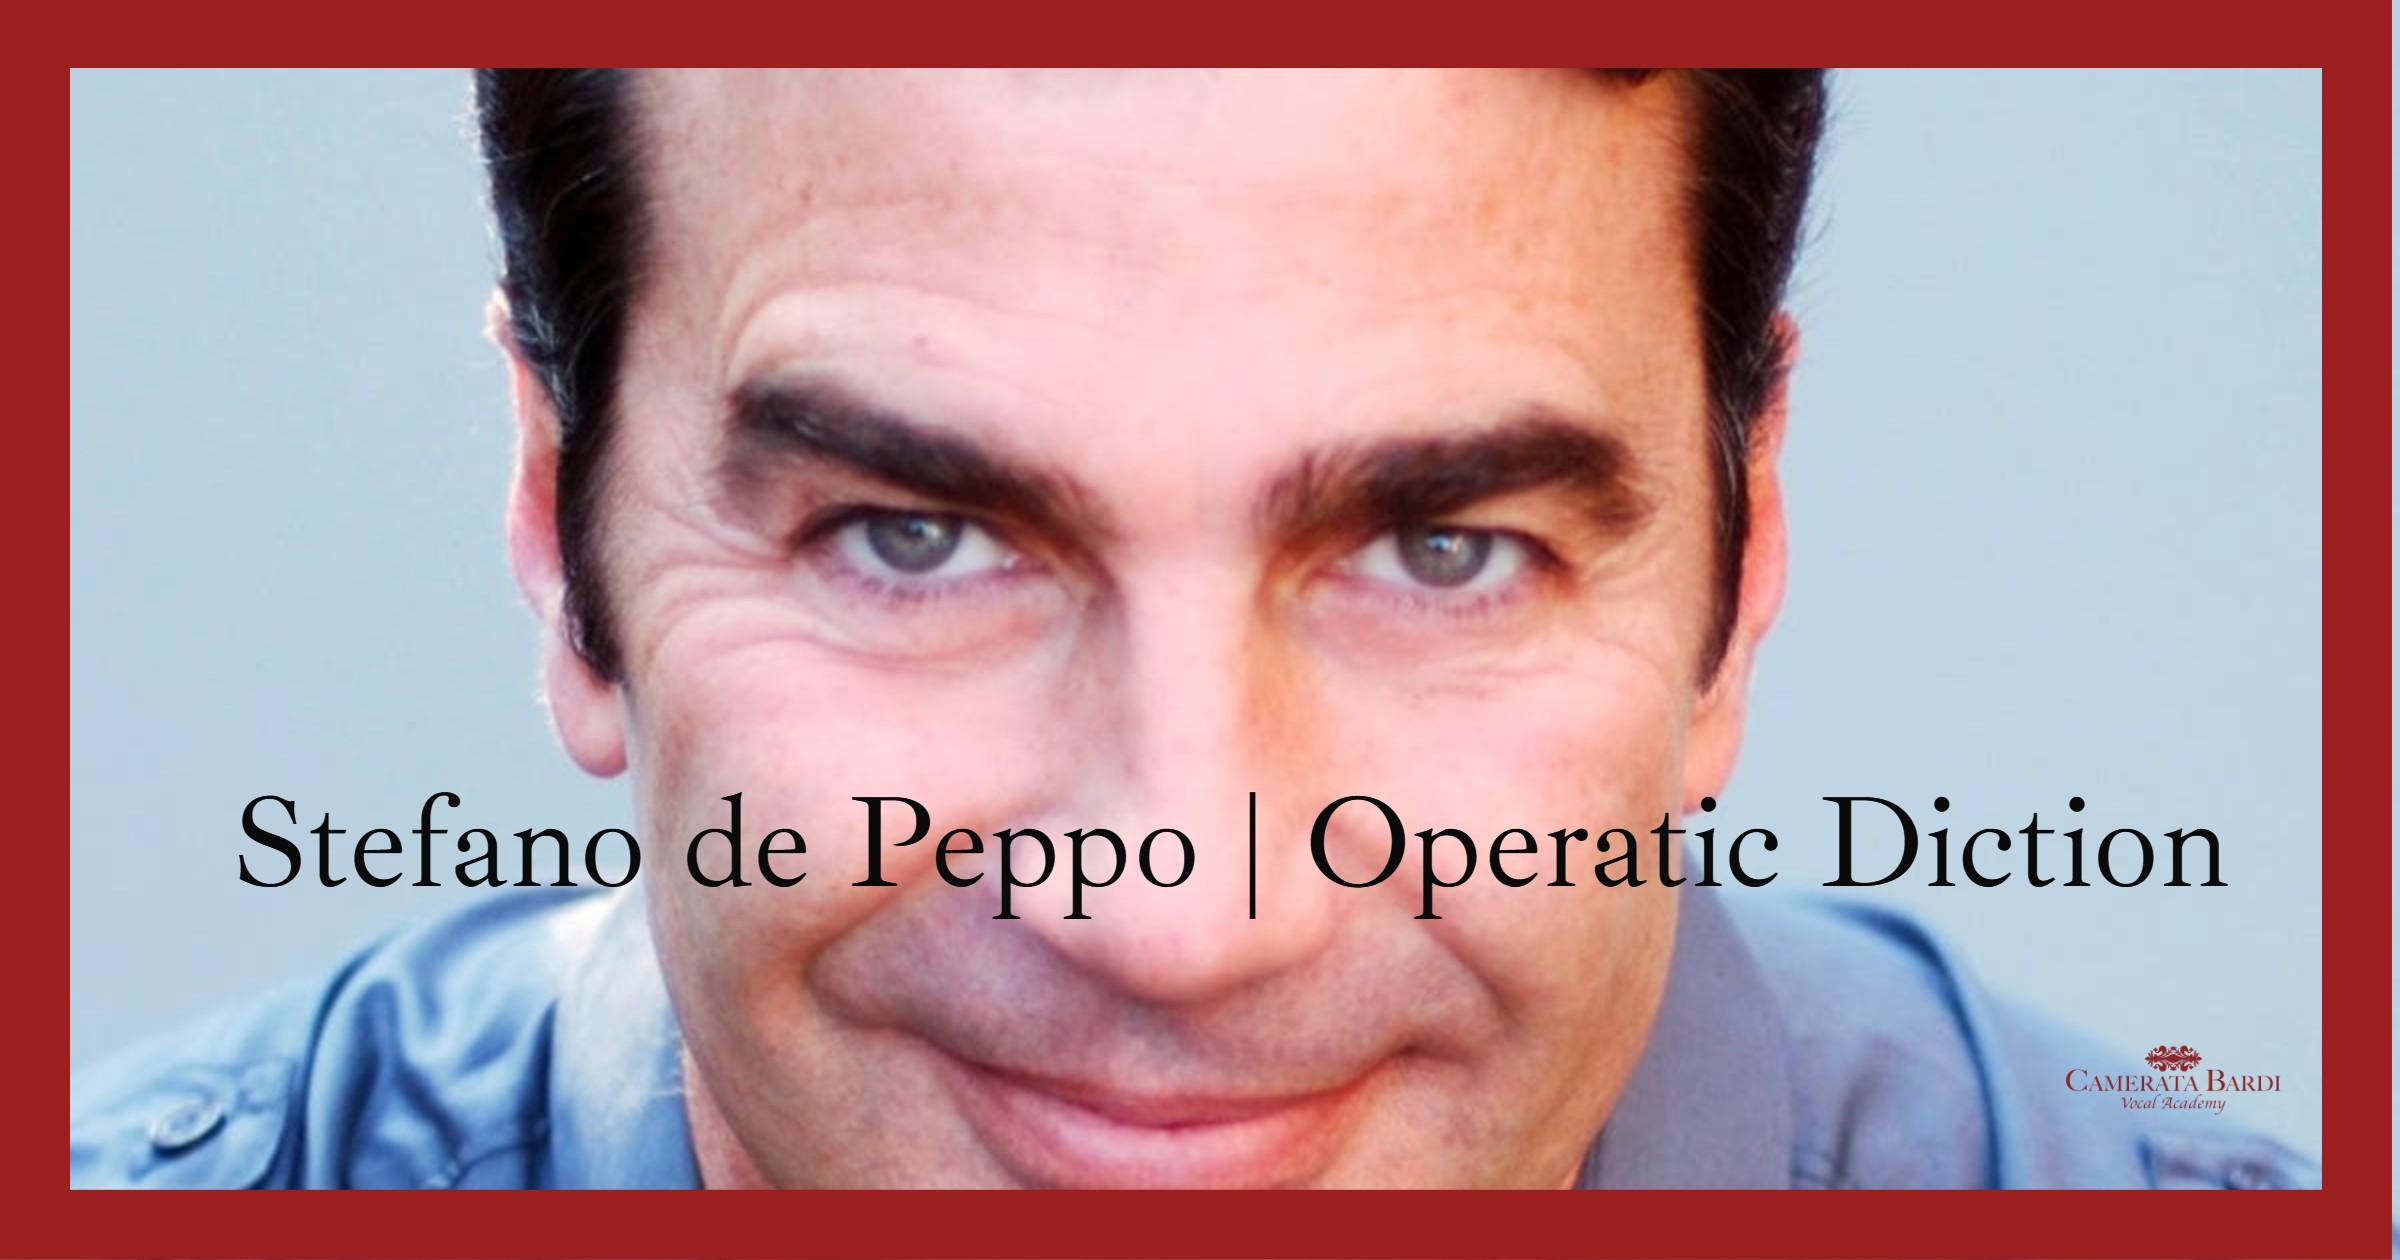 Bass-Baritone Stefano de Peppo